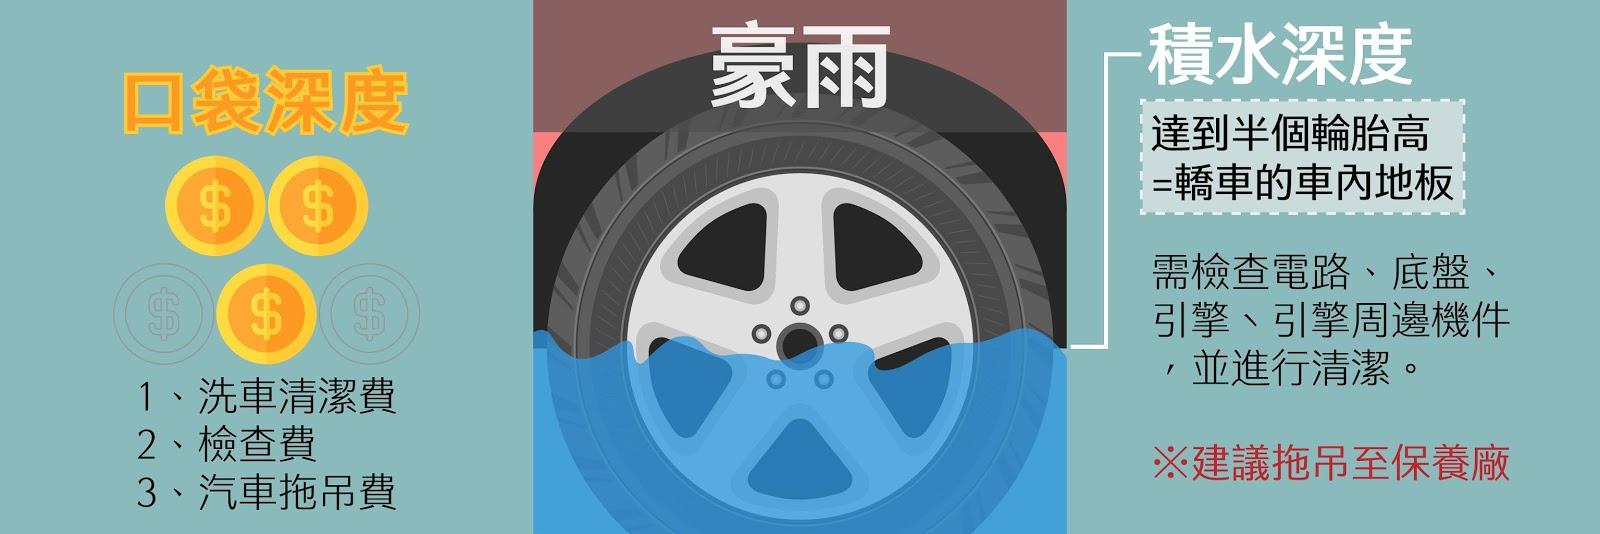 豪雨天遇到泡水,積水可能會有半個輪胎高,要小心電路、底盤、引擎、引擎周邊機件,需要付出檢查費用